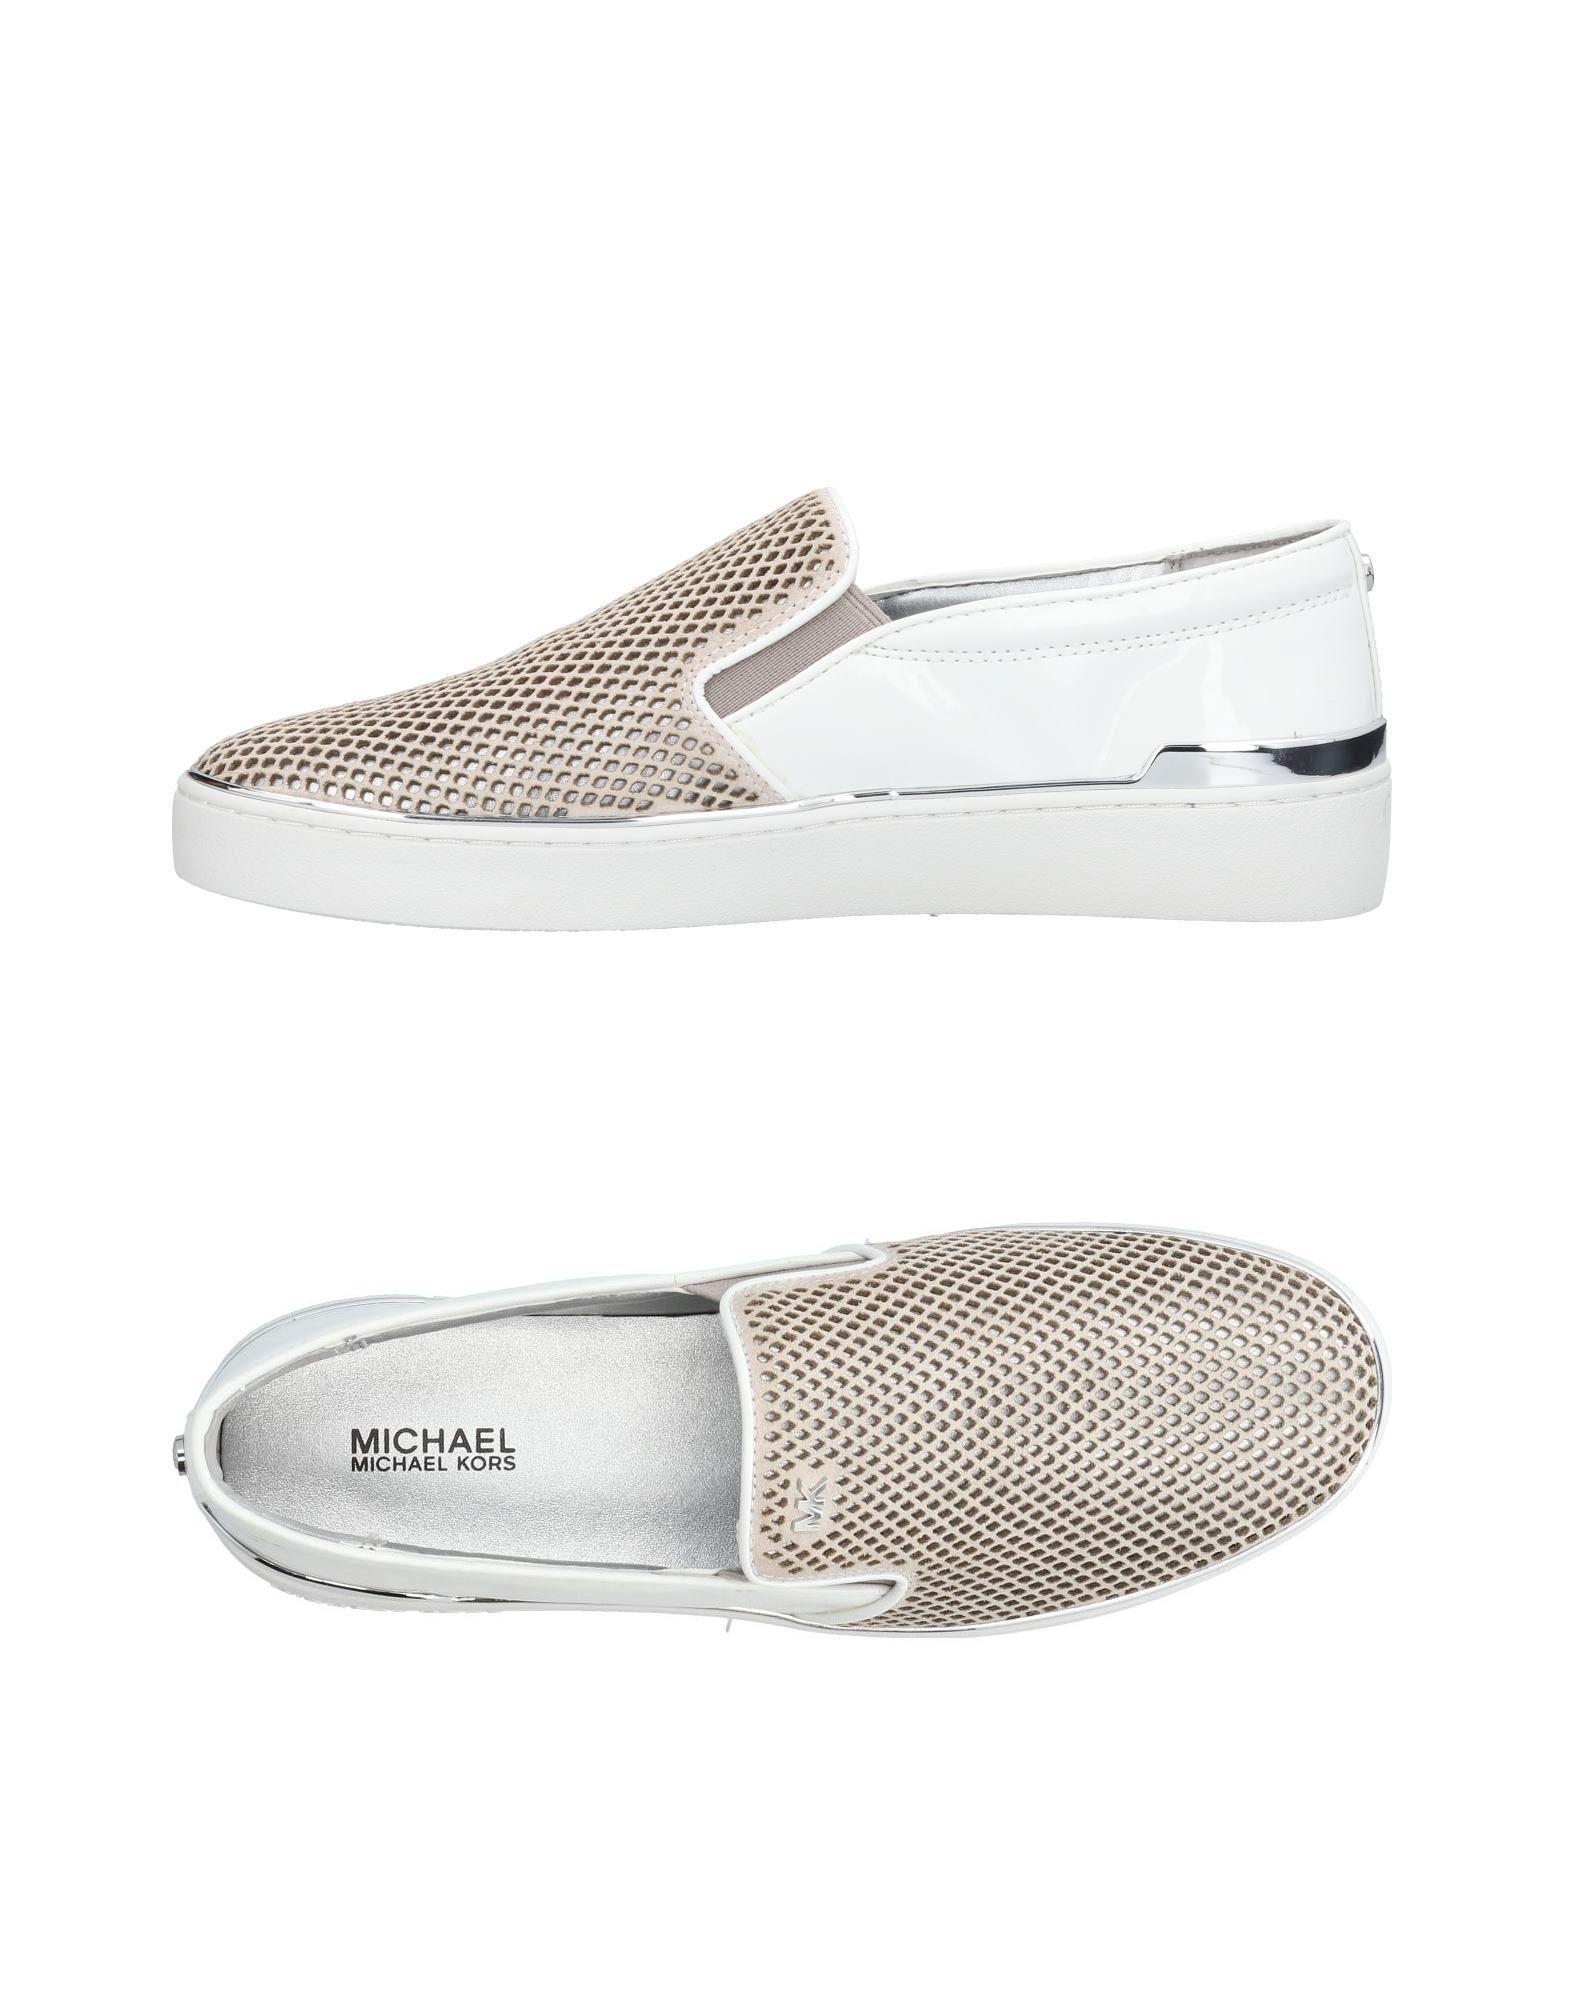 c255d5af40 Michael Michael Kors Παπουτσια Παπούτσια Τένις Χαμηλά. Yoox